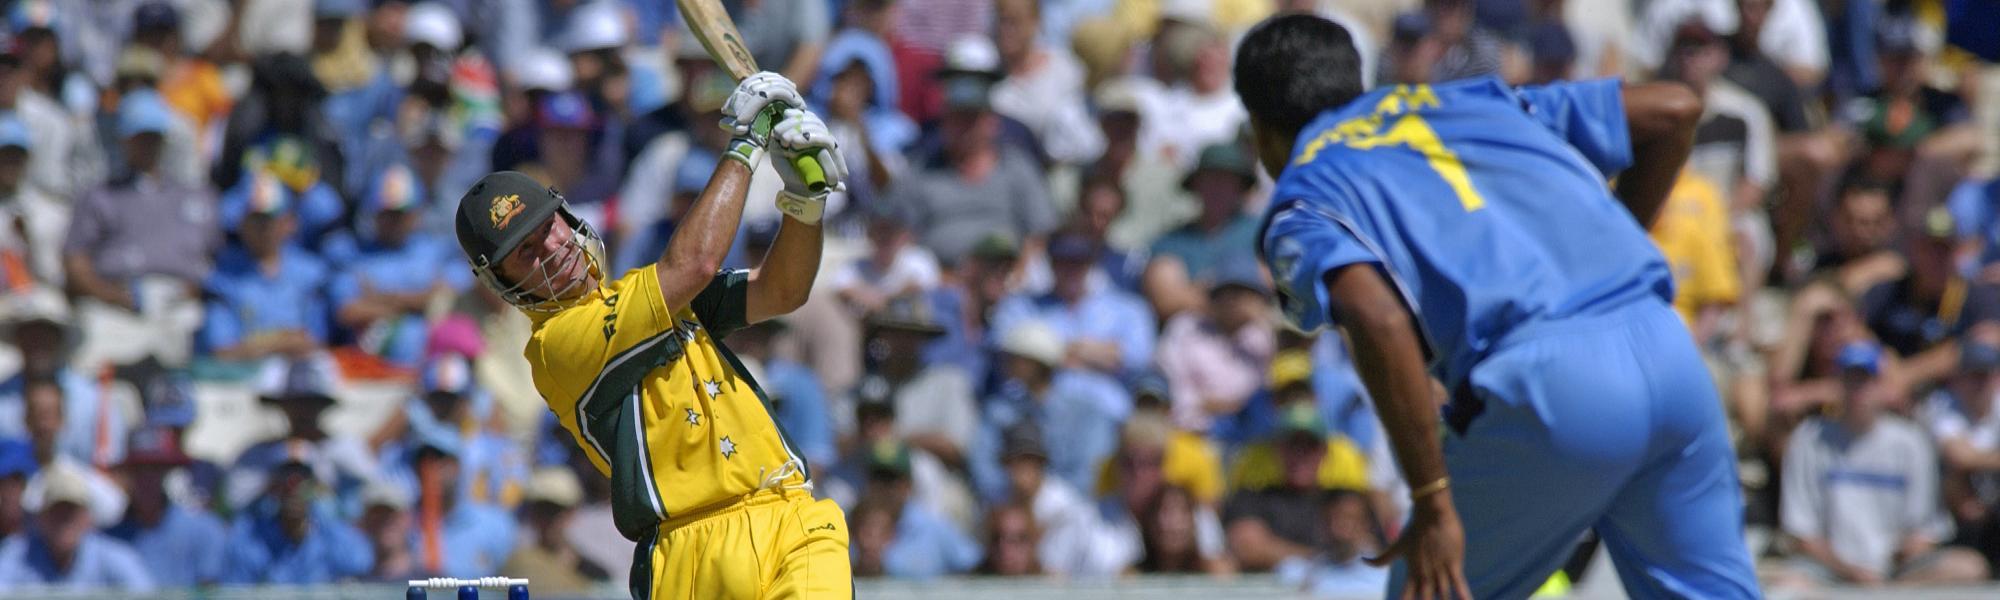 Australia v India 2003 Final